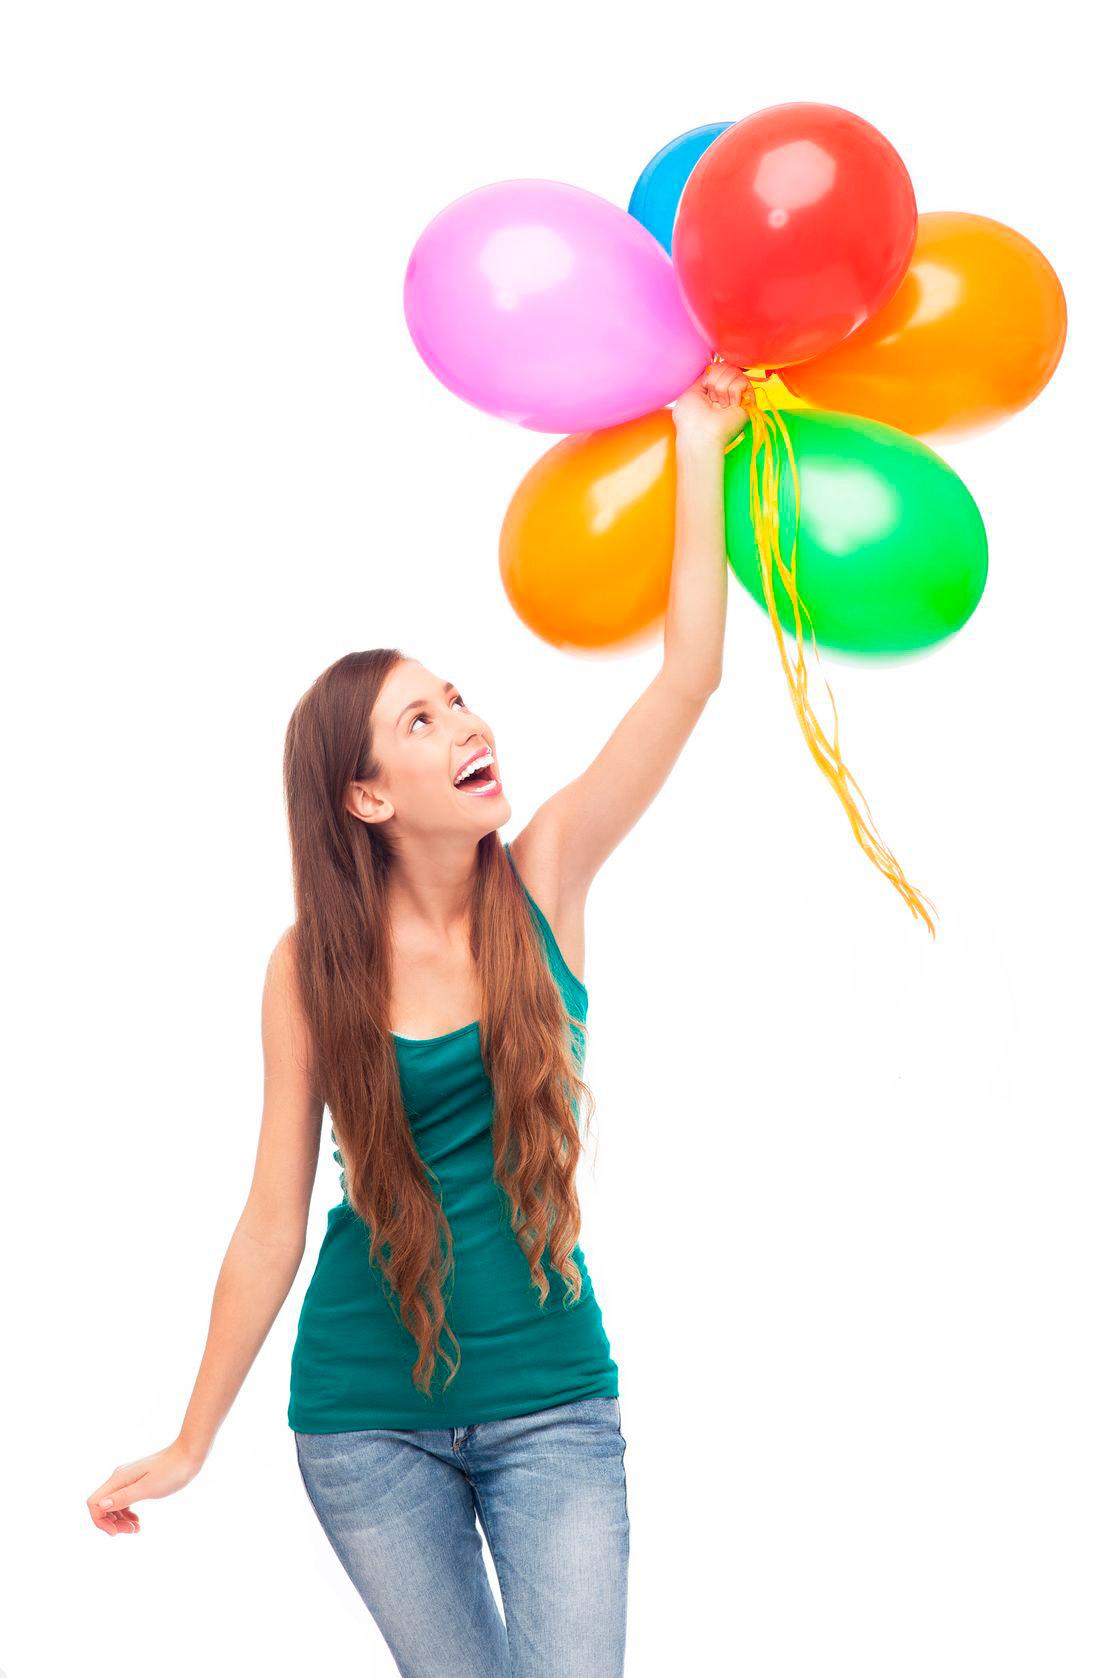 Luftballon Express Service